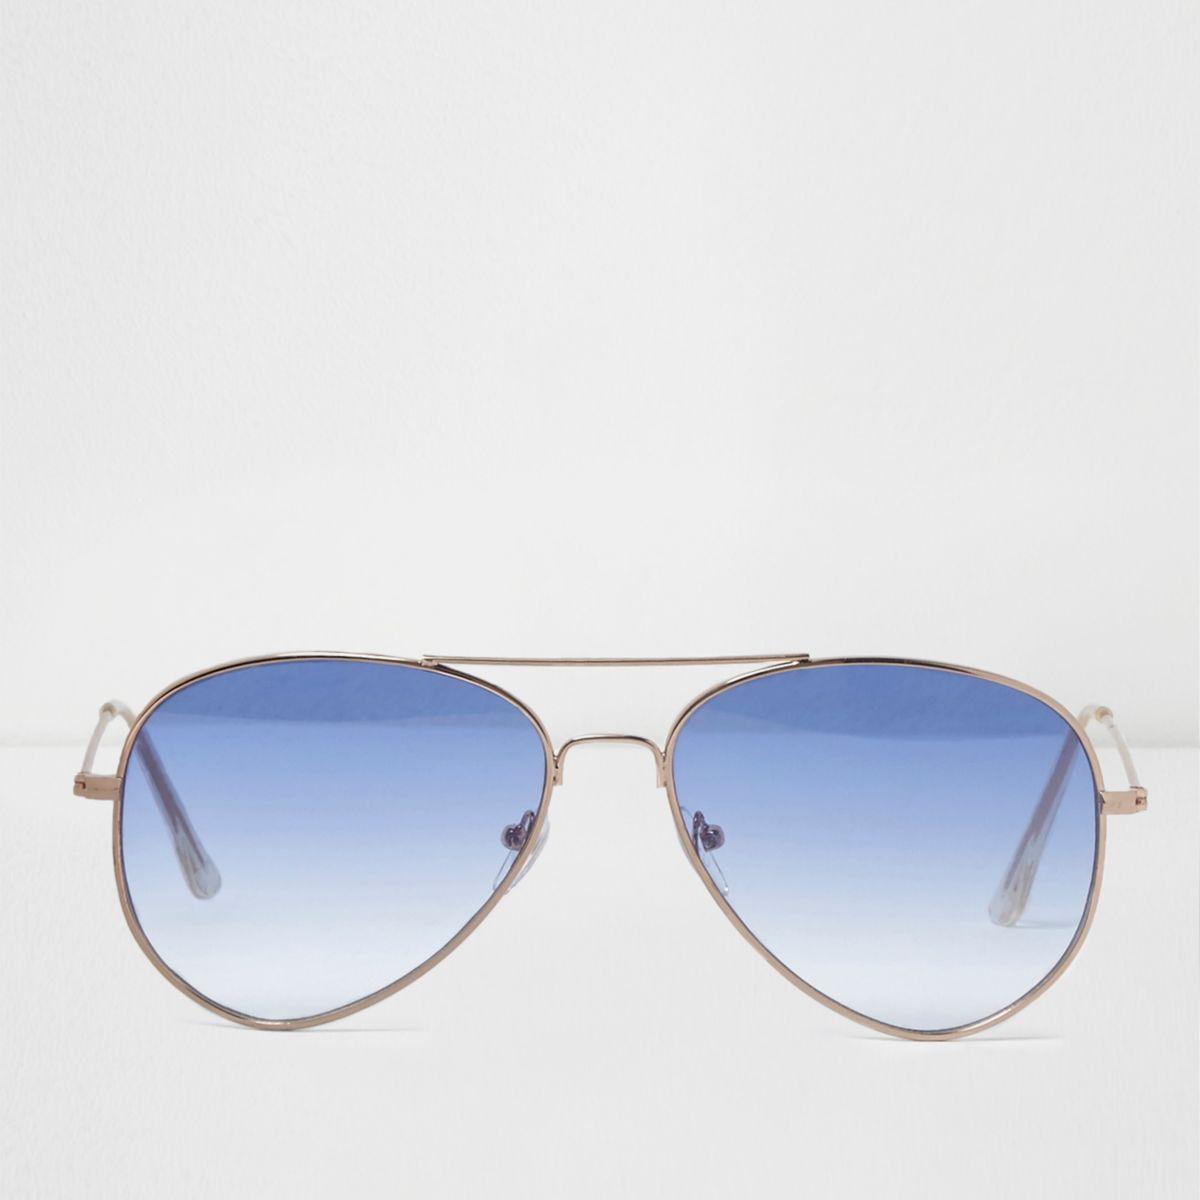 Lunettes de soleil aviateur à verres teintés bleus